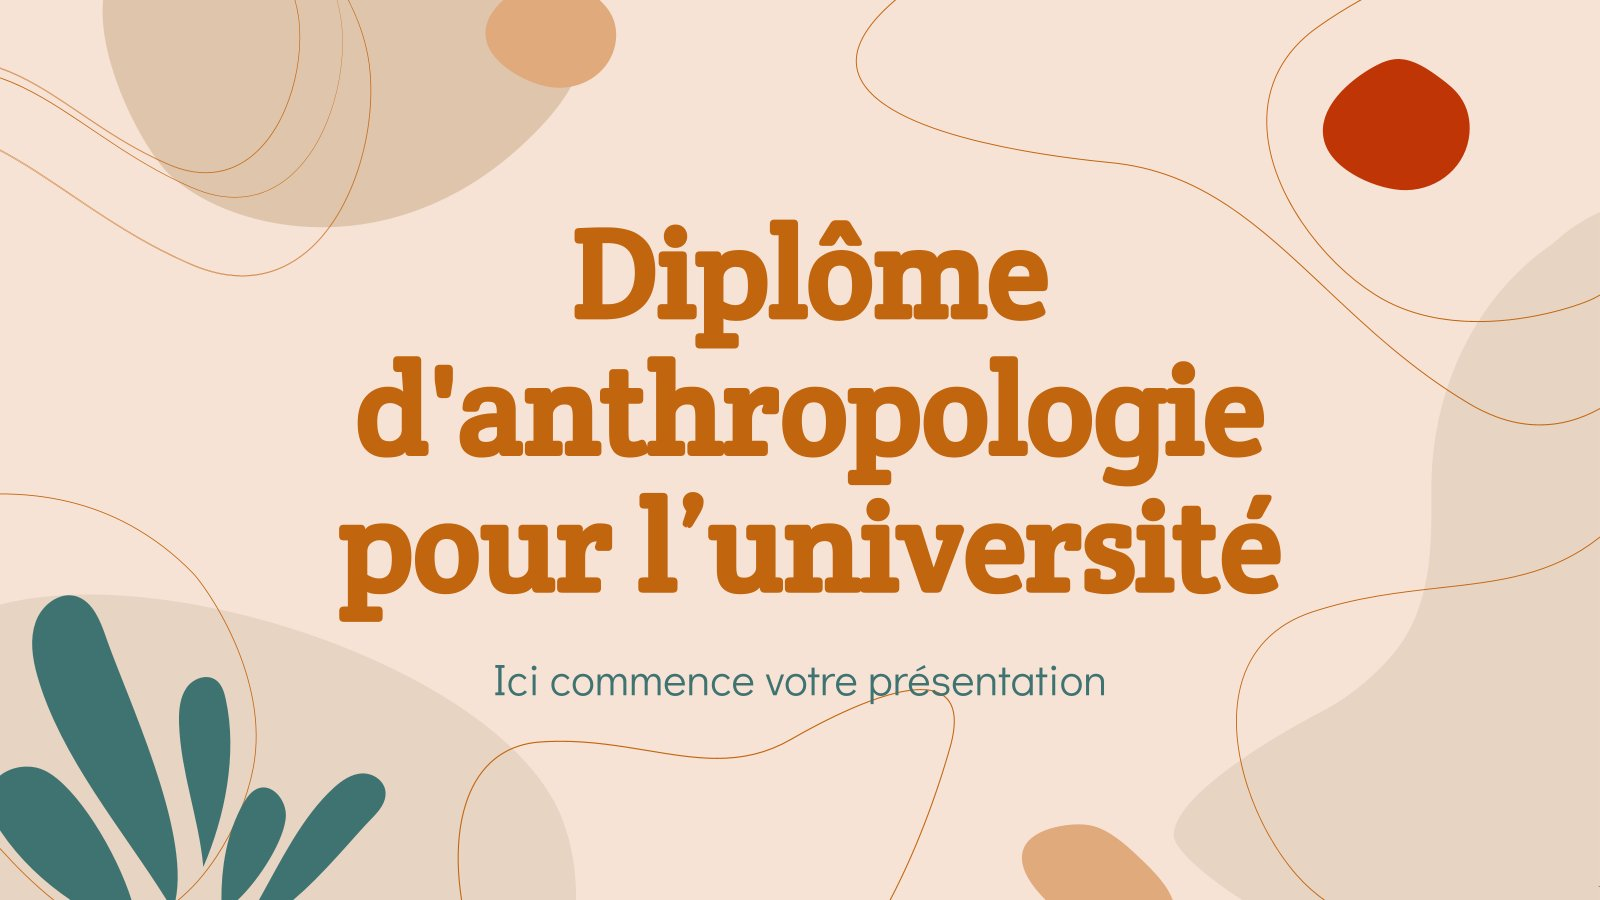 Diplôme d'anthropologie pour l'université presentation template